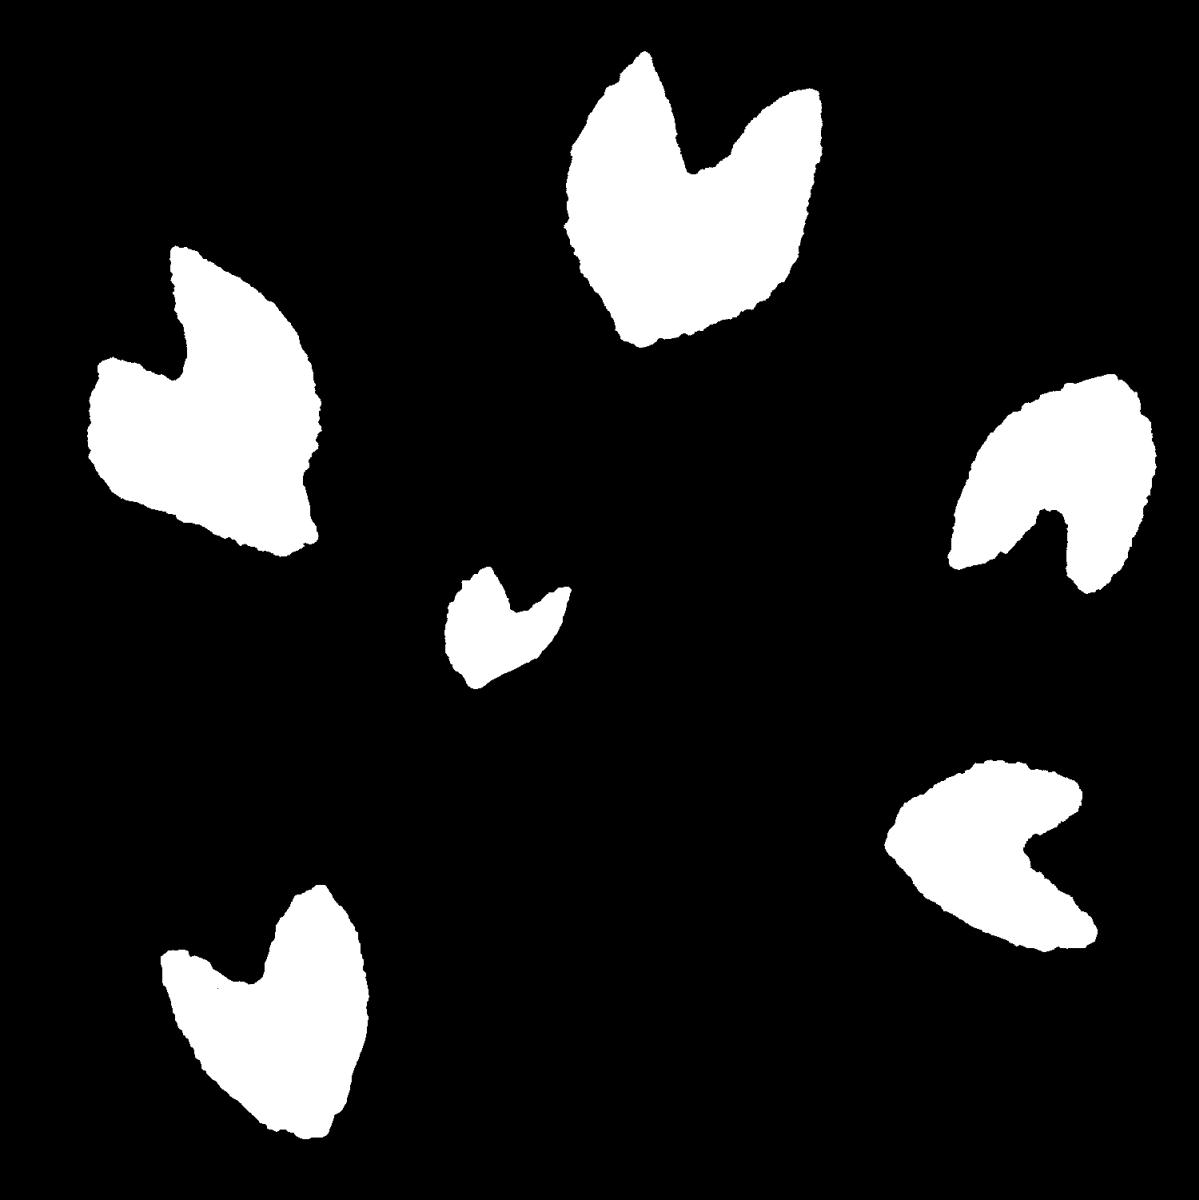 舞う桜の花びら(3種)のイラスト / Dancing Cherry Blossom Petals Illustration